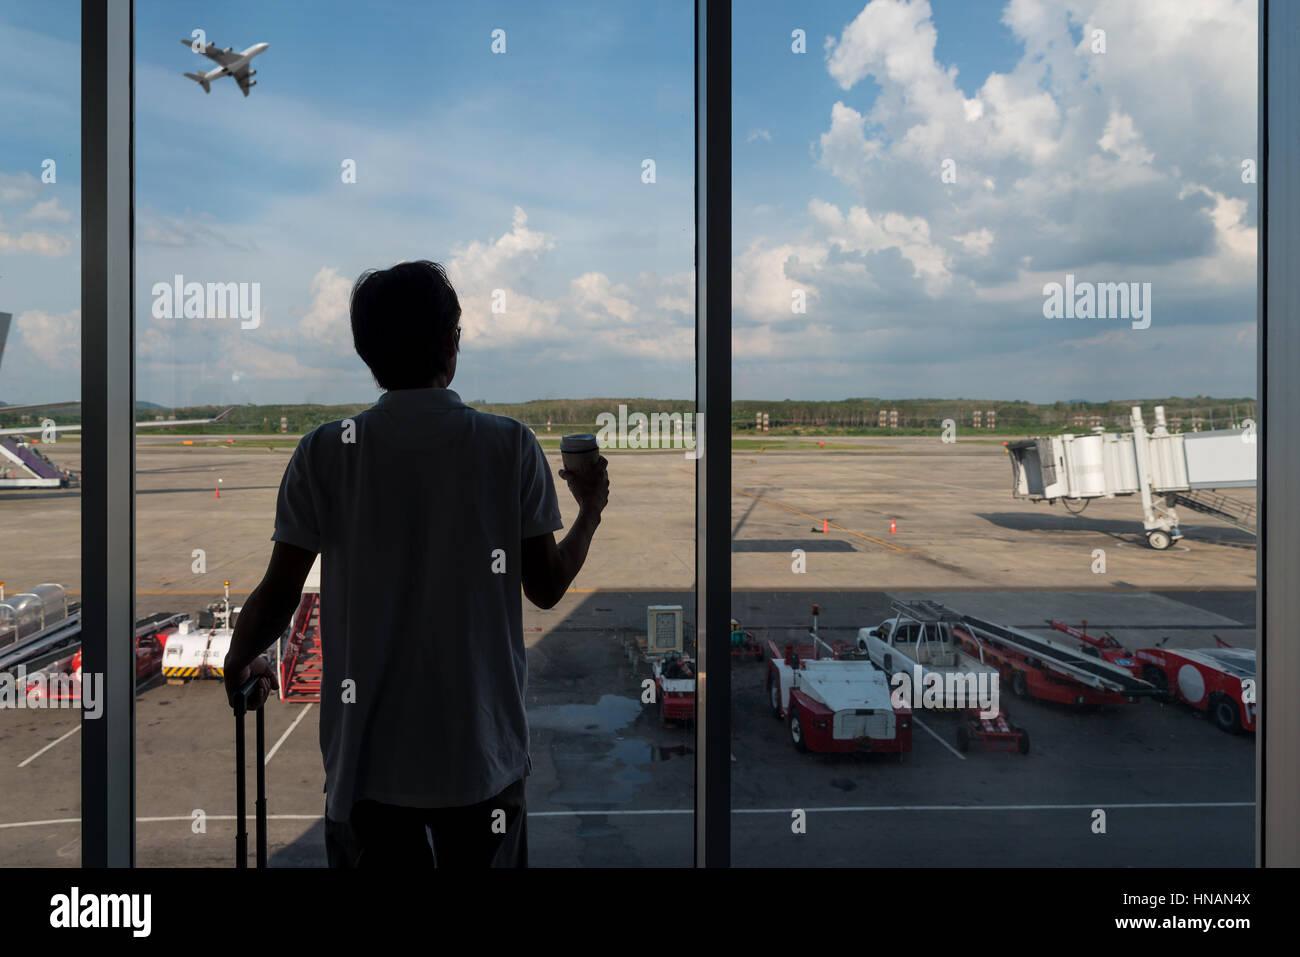 La face arrière de la meilleur garçon en termainal à l'aéroport à la recherche de l'avion Photo Stock